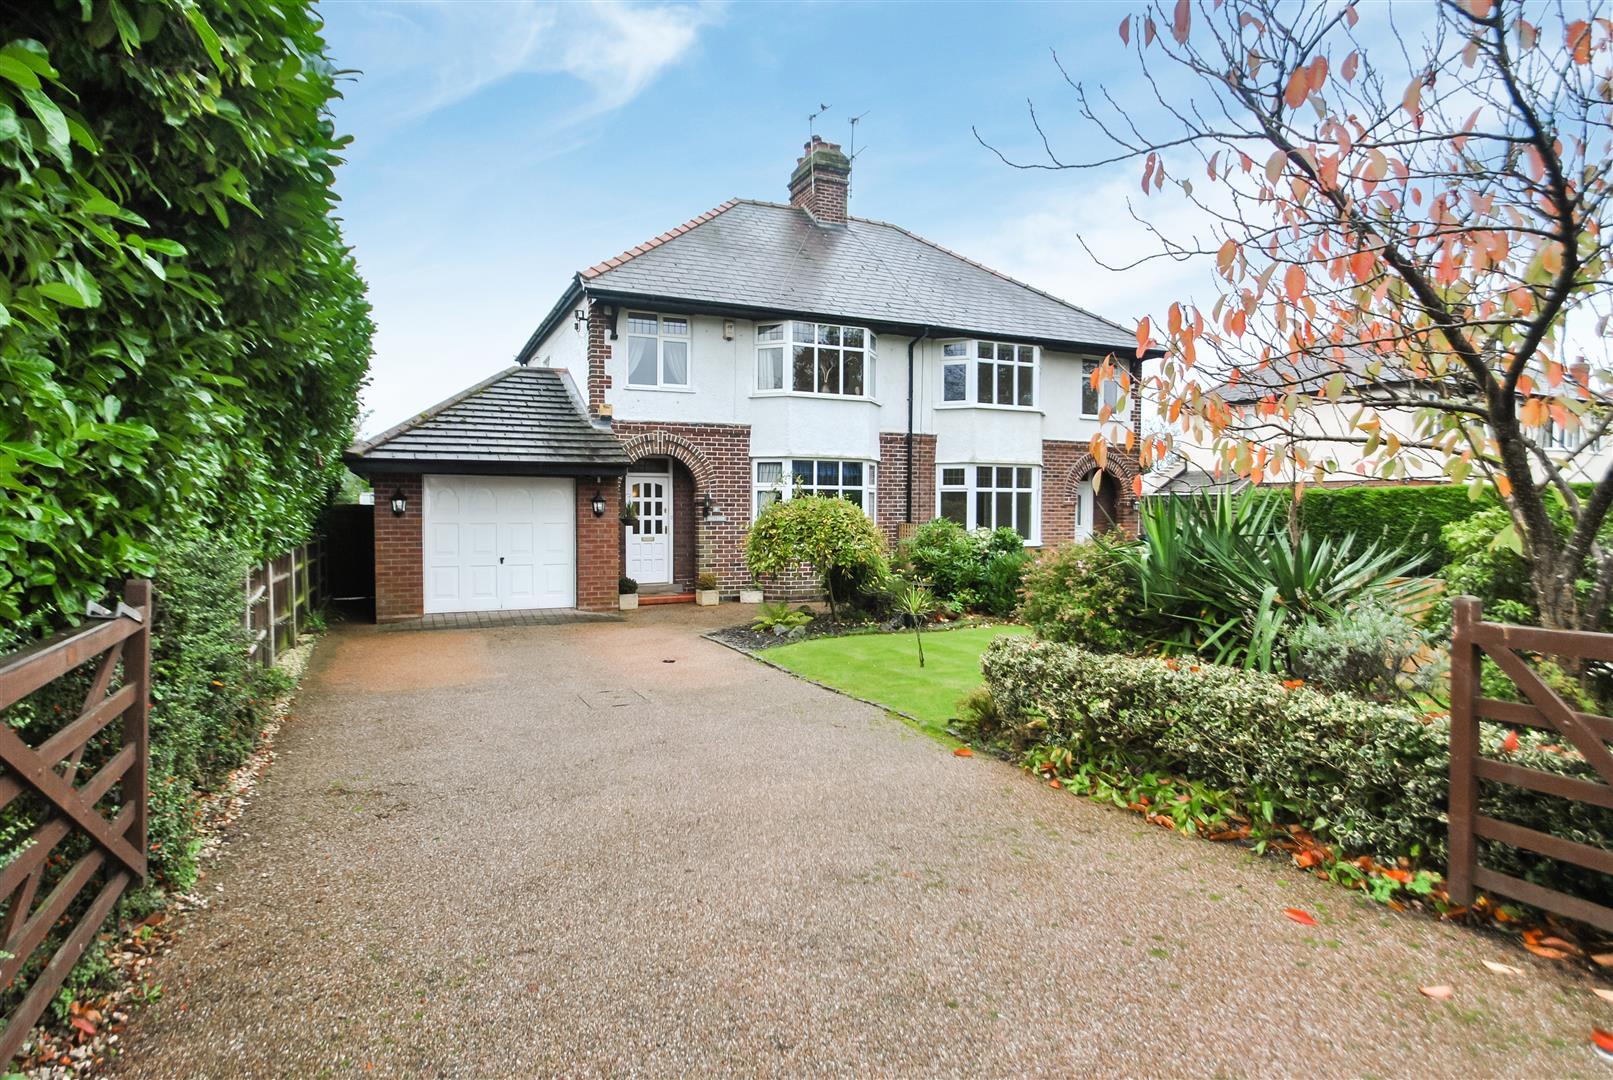 3 Bedrooms Semi Detached House for sale in Hillside Road, APPLETON, Warrington, WA4